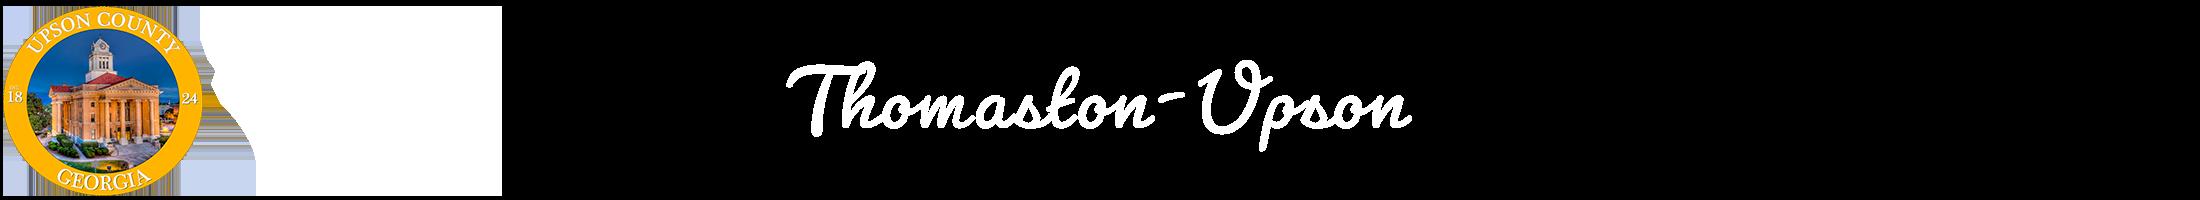 Thomaston-Upson